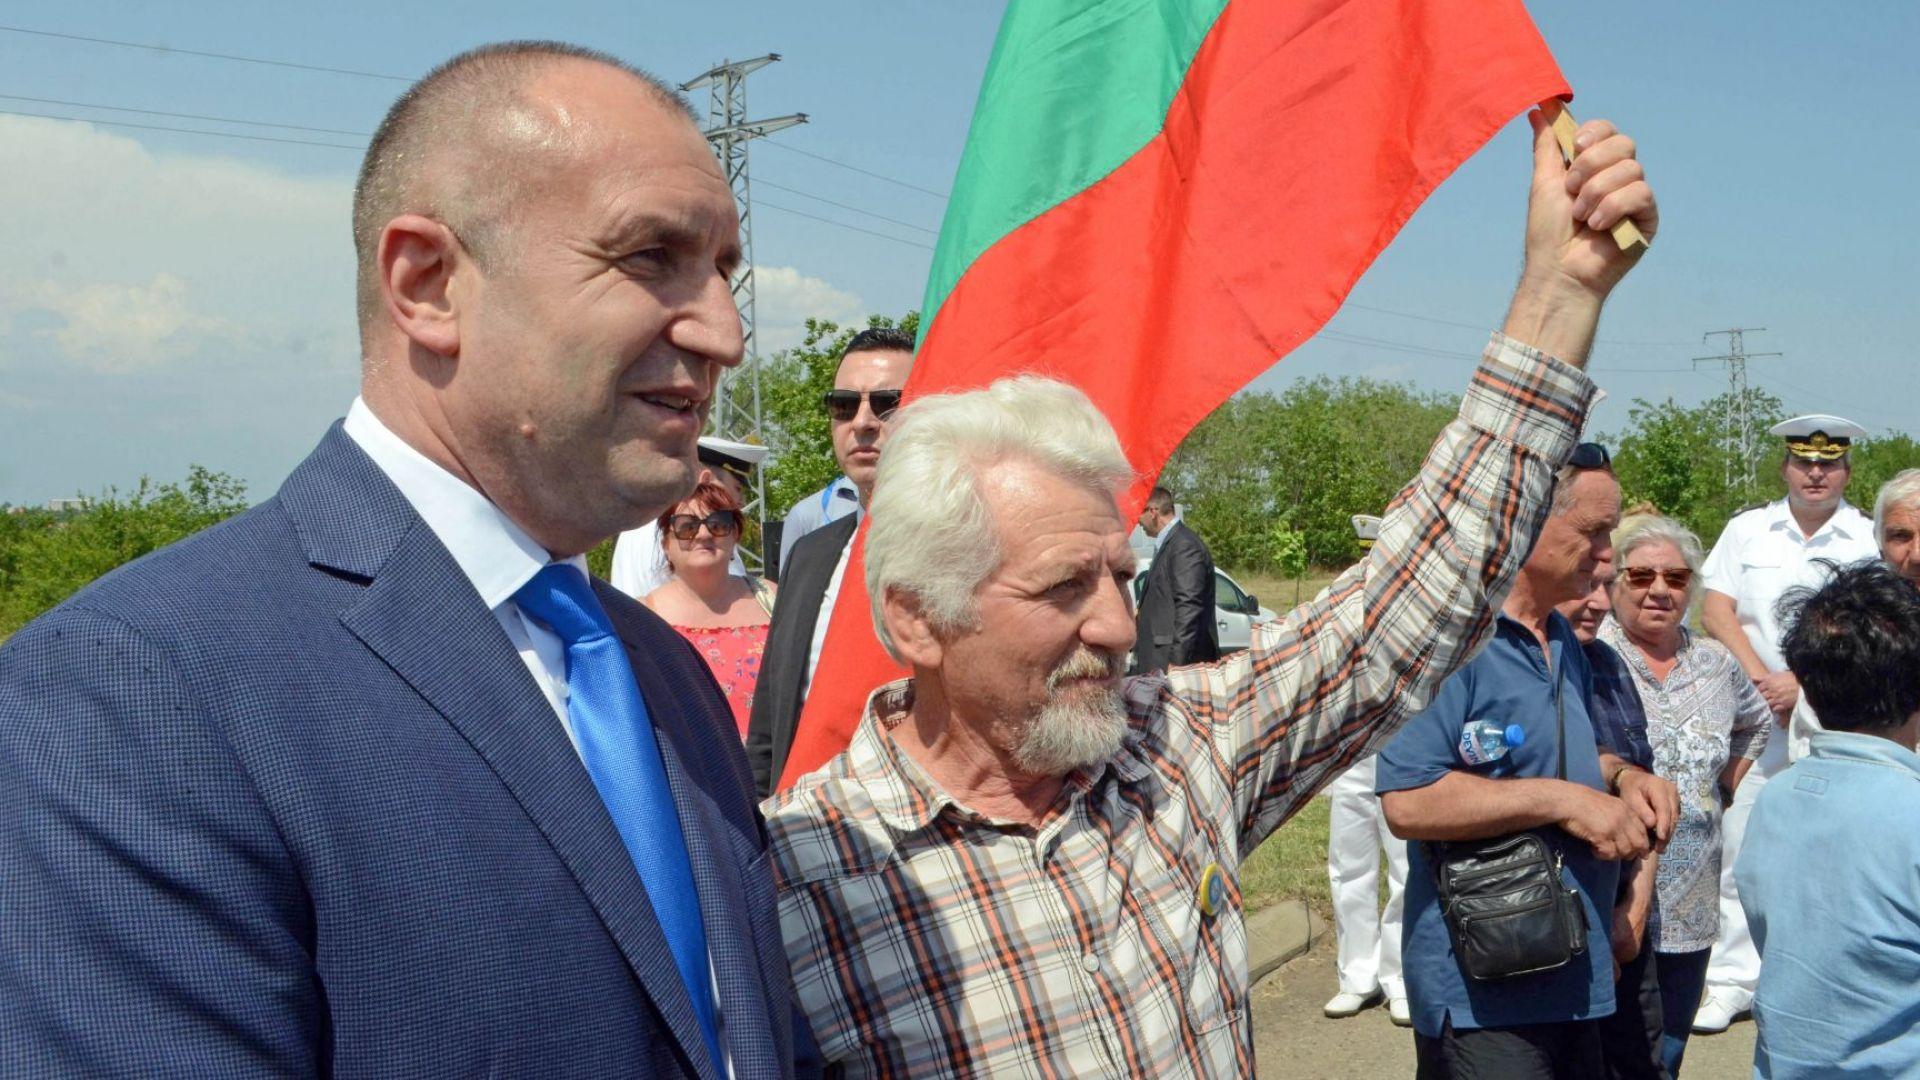 Радев смята заявката на Божков за политически проект за несериозна